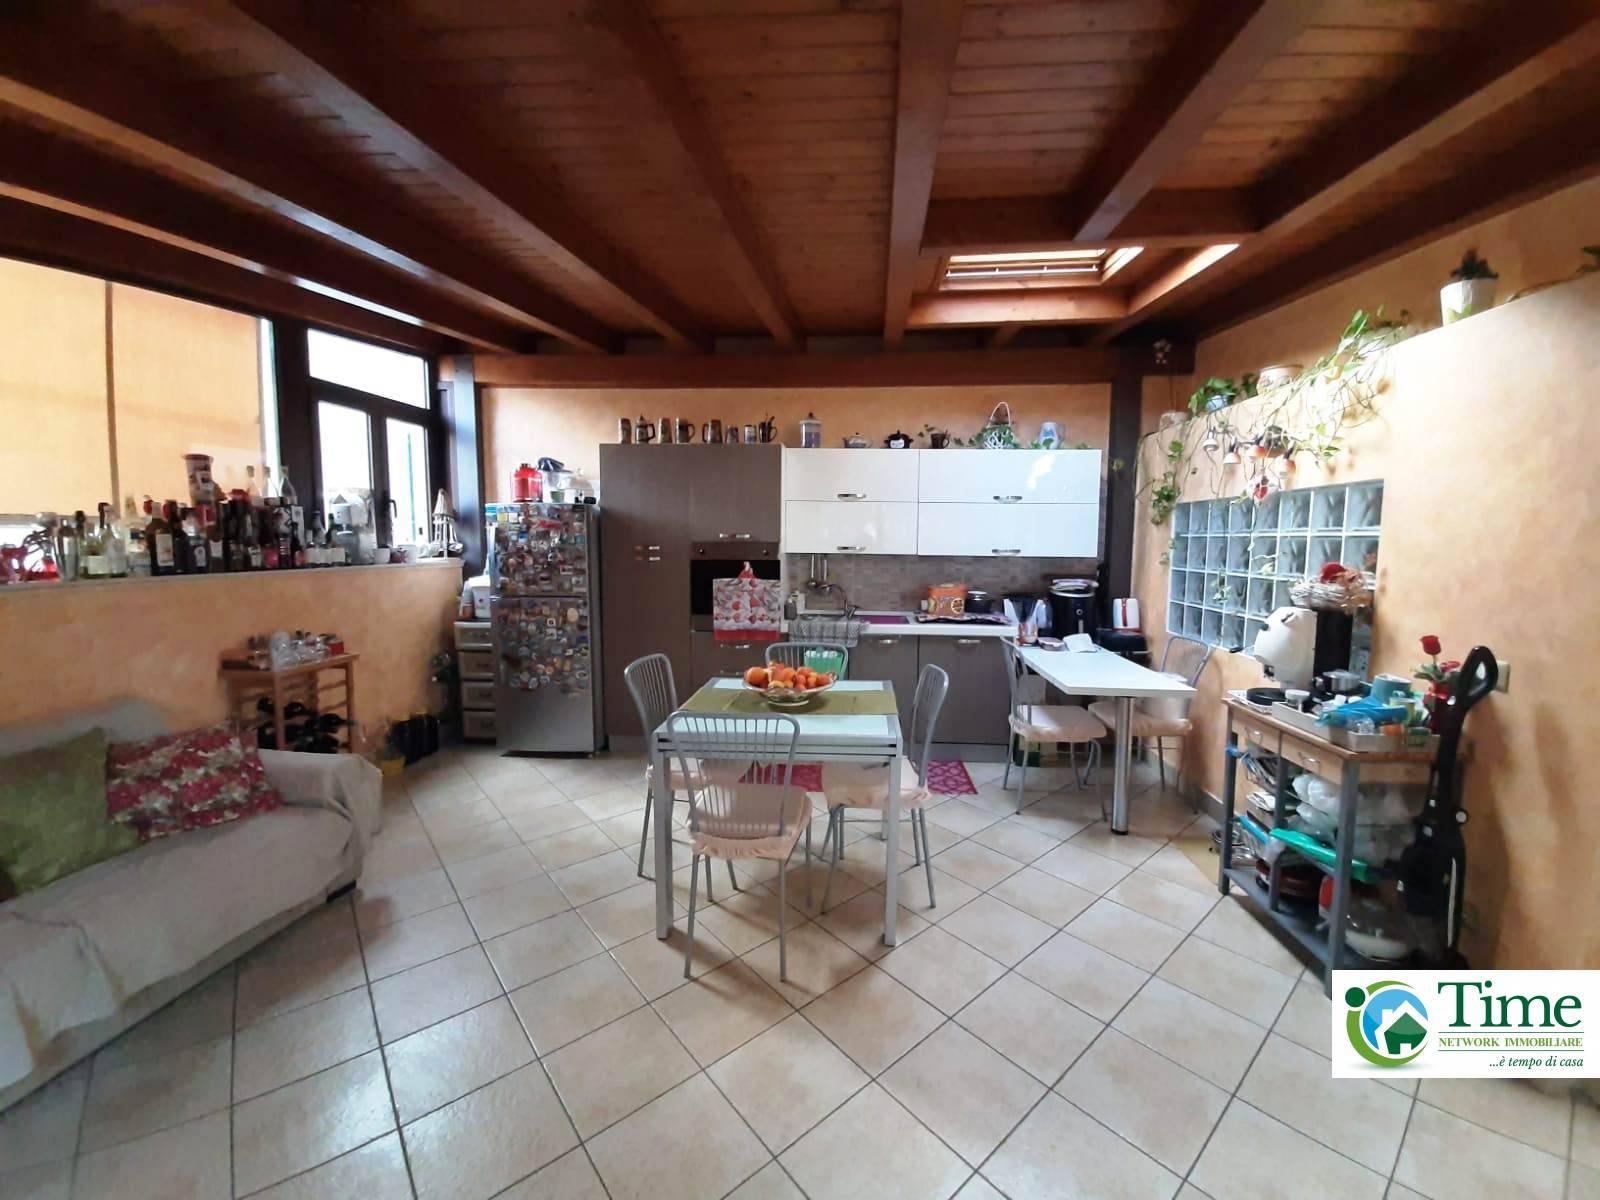 Appartamento in vendita a Gravina di Catania, 2 locali, zona Località: ValleAllegra, prezzo € 132.000 | PortaleAgenzieImmobiliari.it